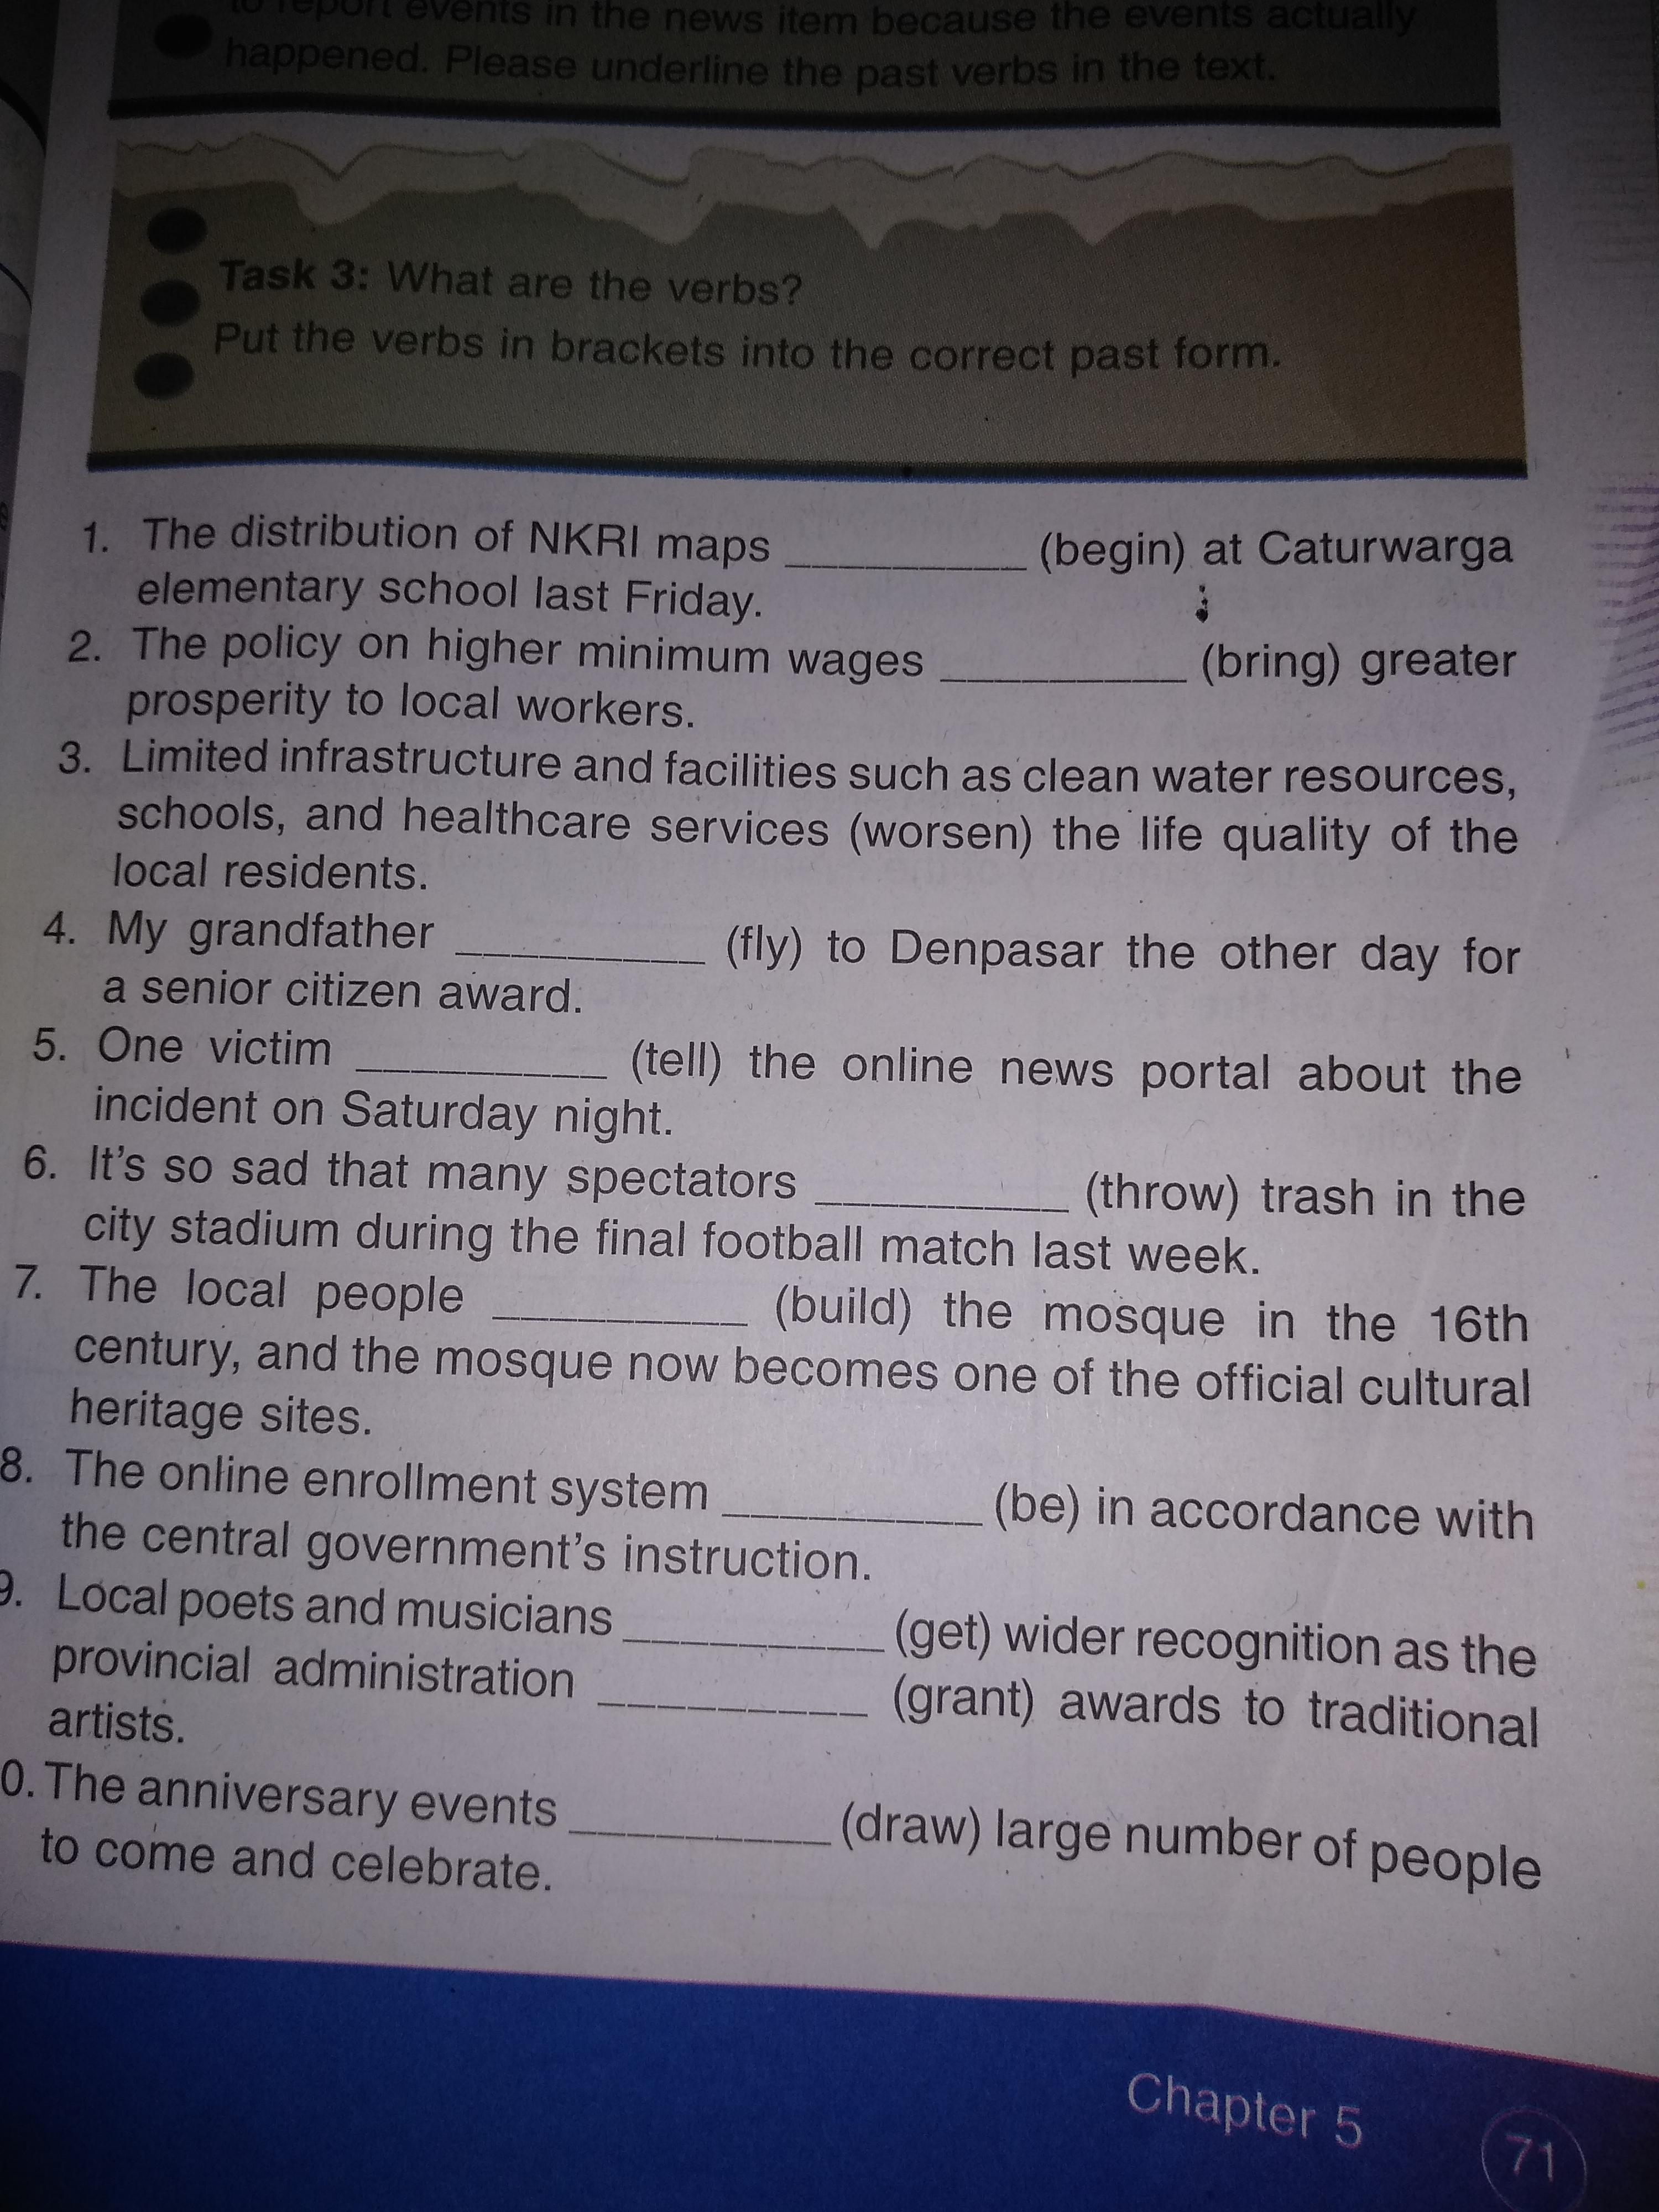 Tolong Bantu Jawab Dong Bahasa Inggris Halaman 71 Kelas 12 Brainly Co Id